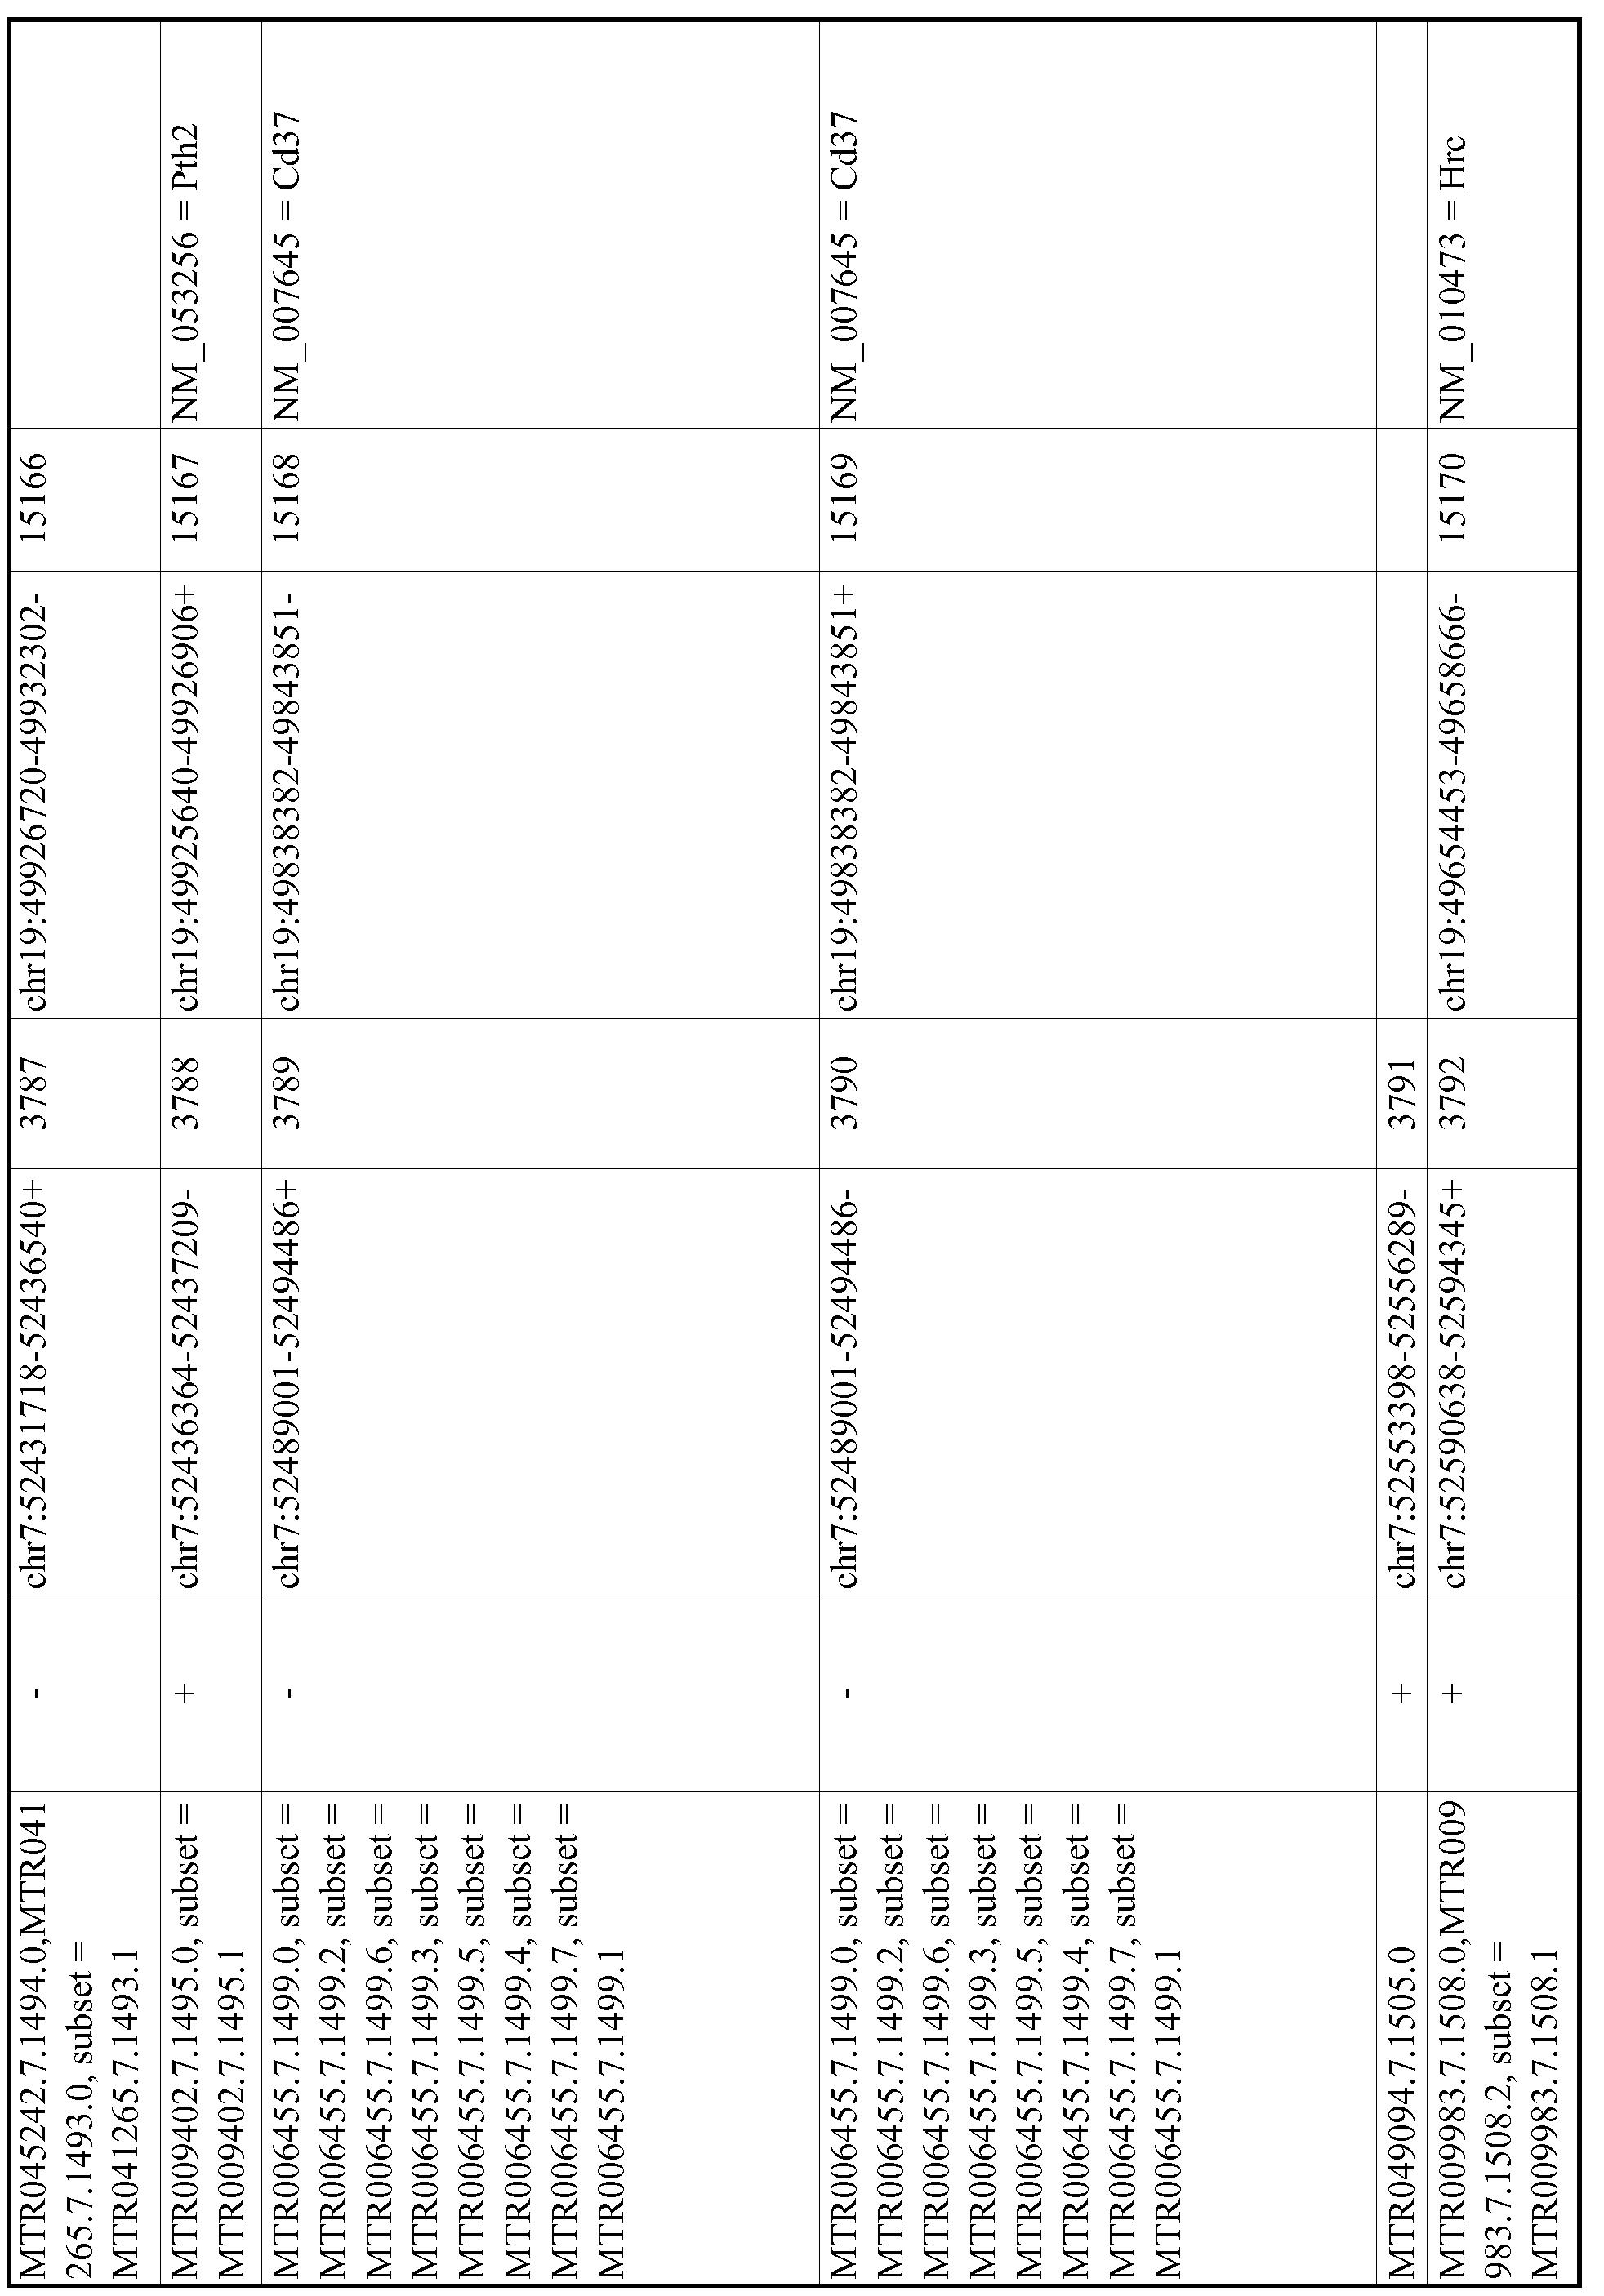 Figure imgf000728_0001